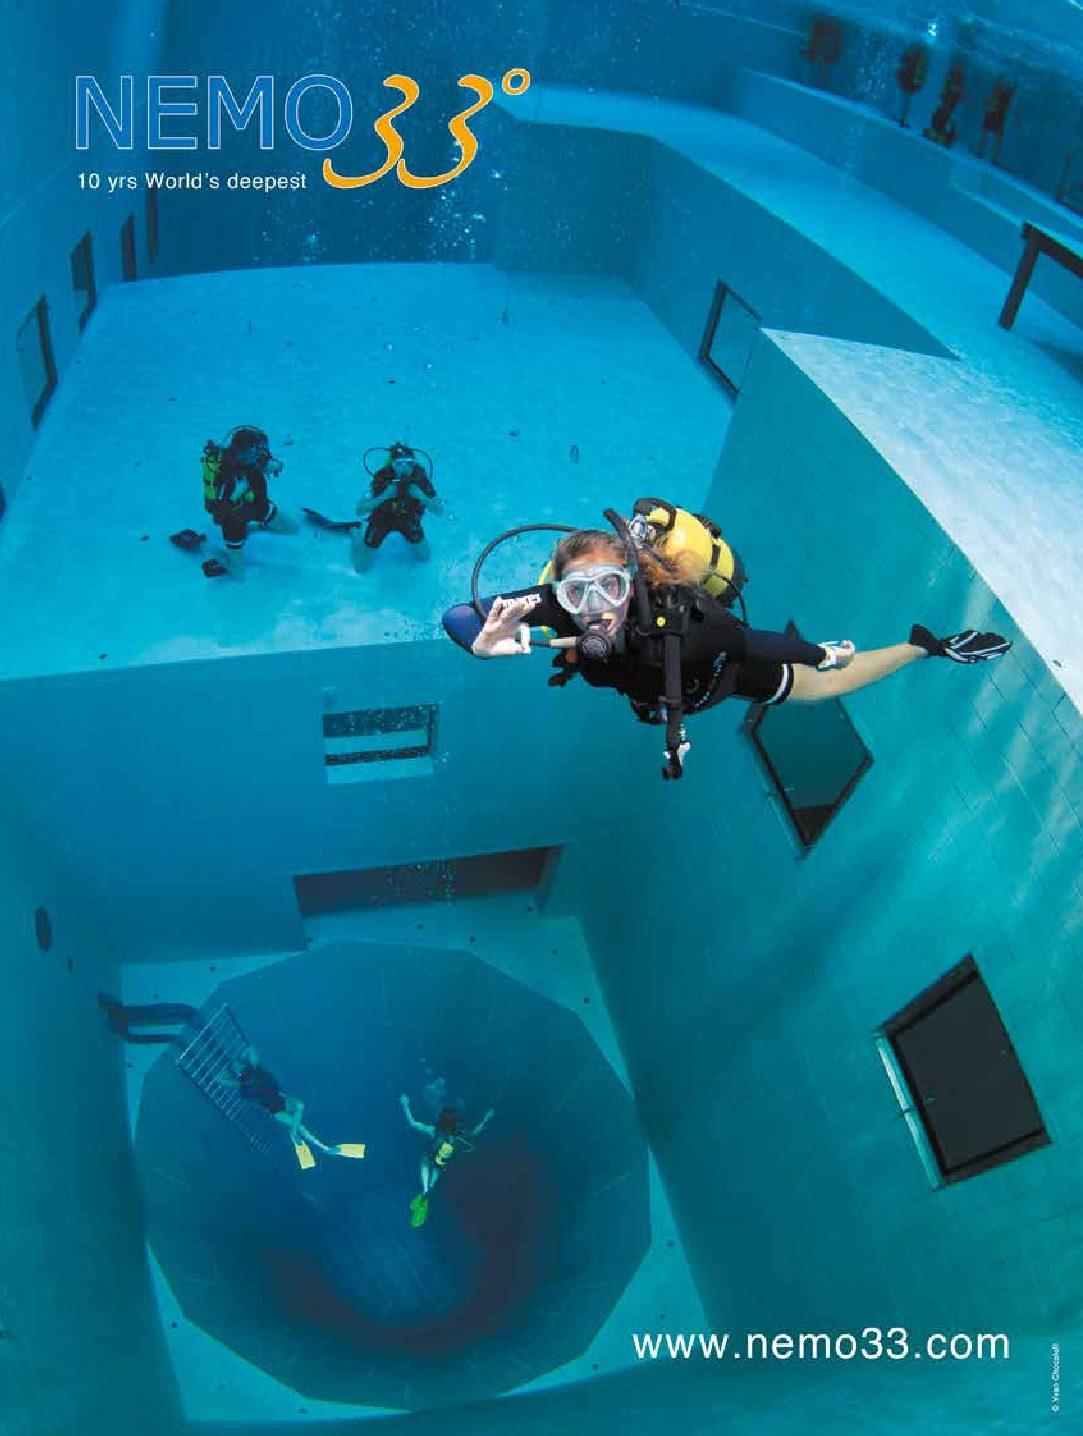 Nemo 33 recrute un responsable pour son école de plongée